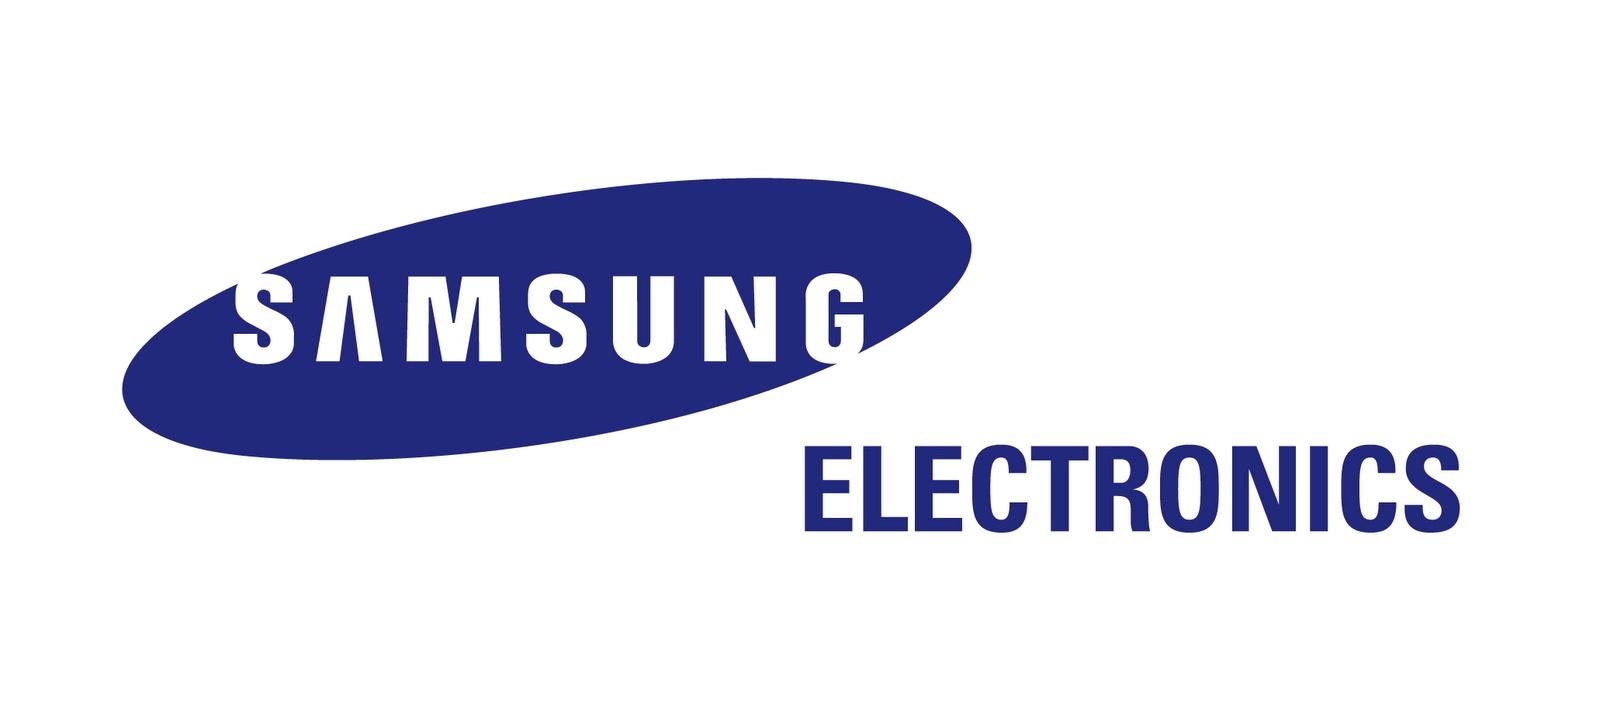 Gunakan promo kode voucher Samsung Indonesia hanya di DiskonAja untuk ekstra diskon pembelian produk Samsung